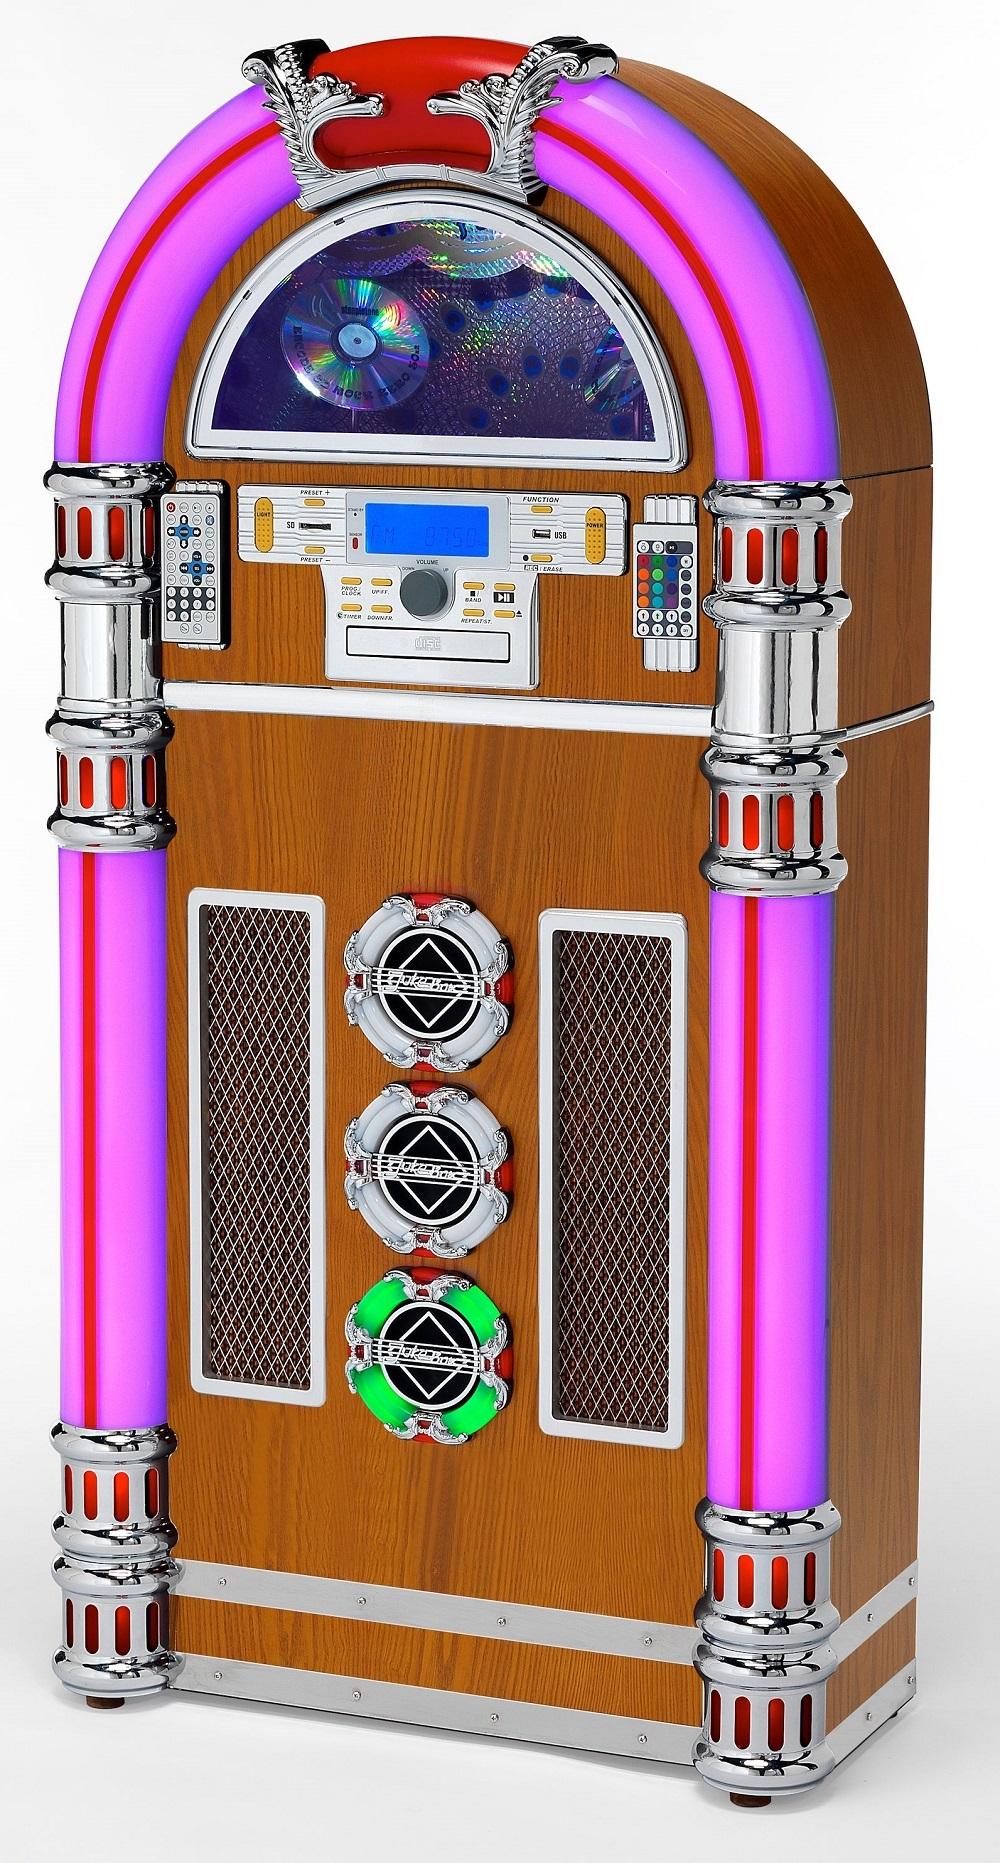 encode_cd_rock_50_two_jukebox_light[1]